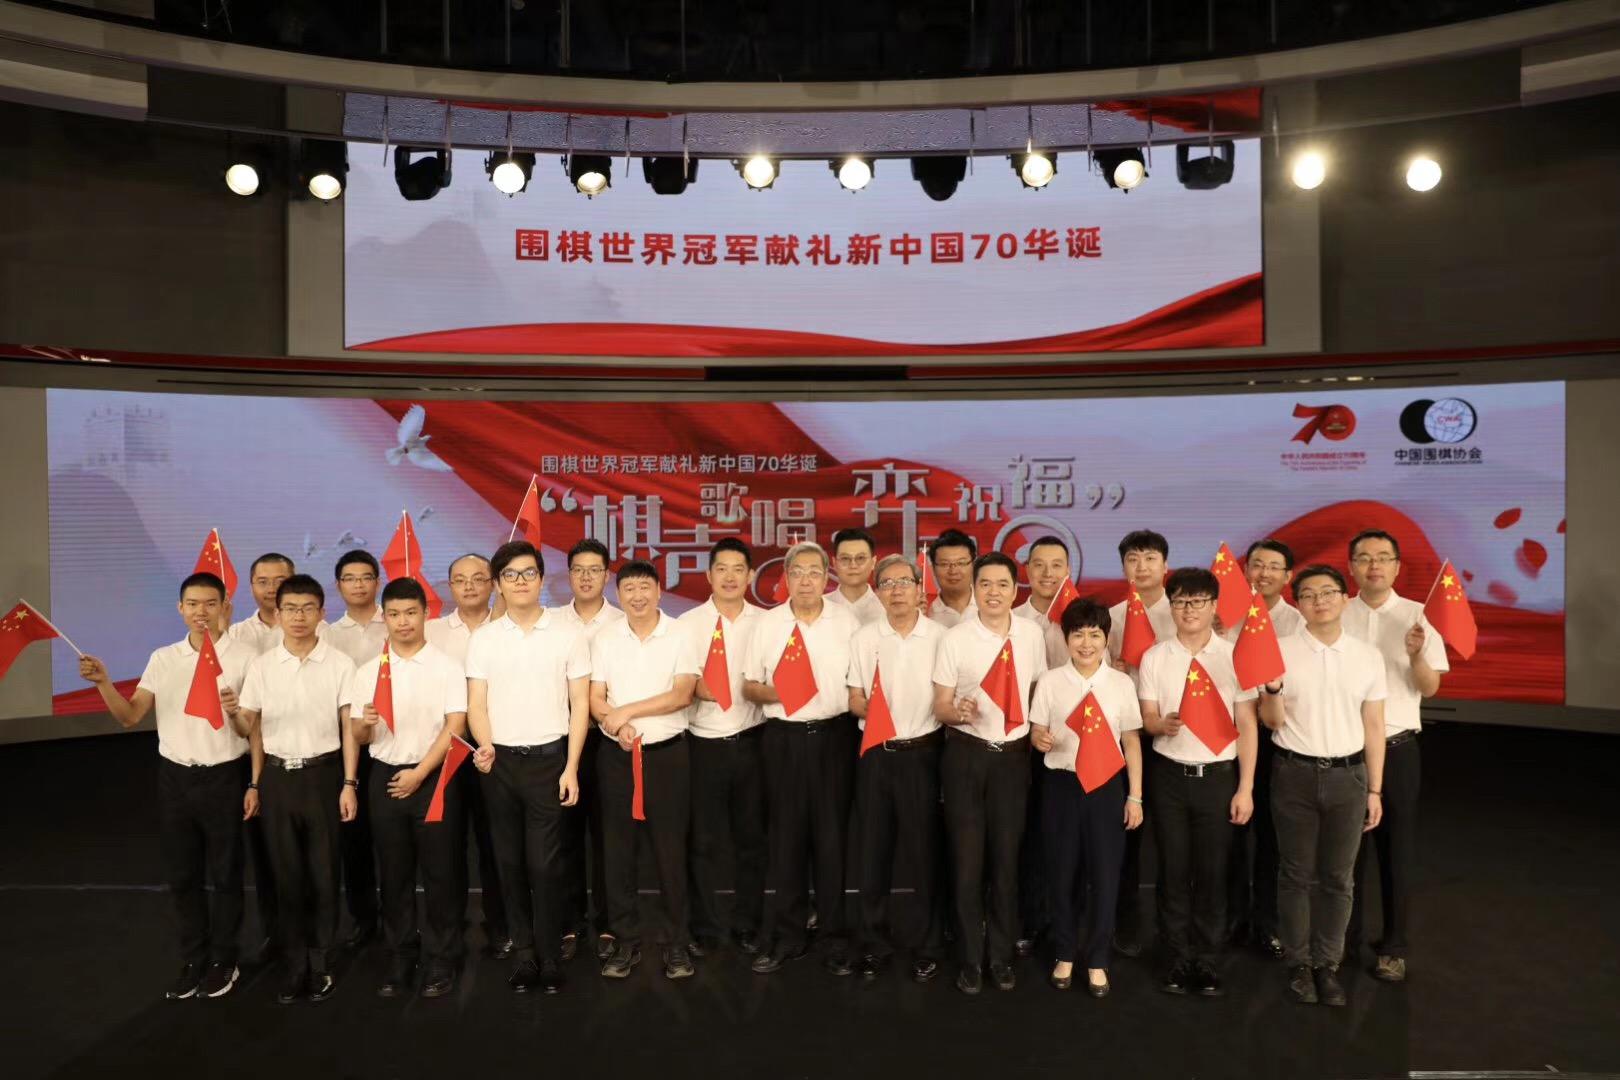 高清-围棋世界冠军齐聚献礼新中国70华诞